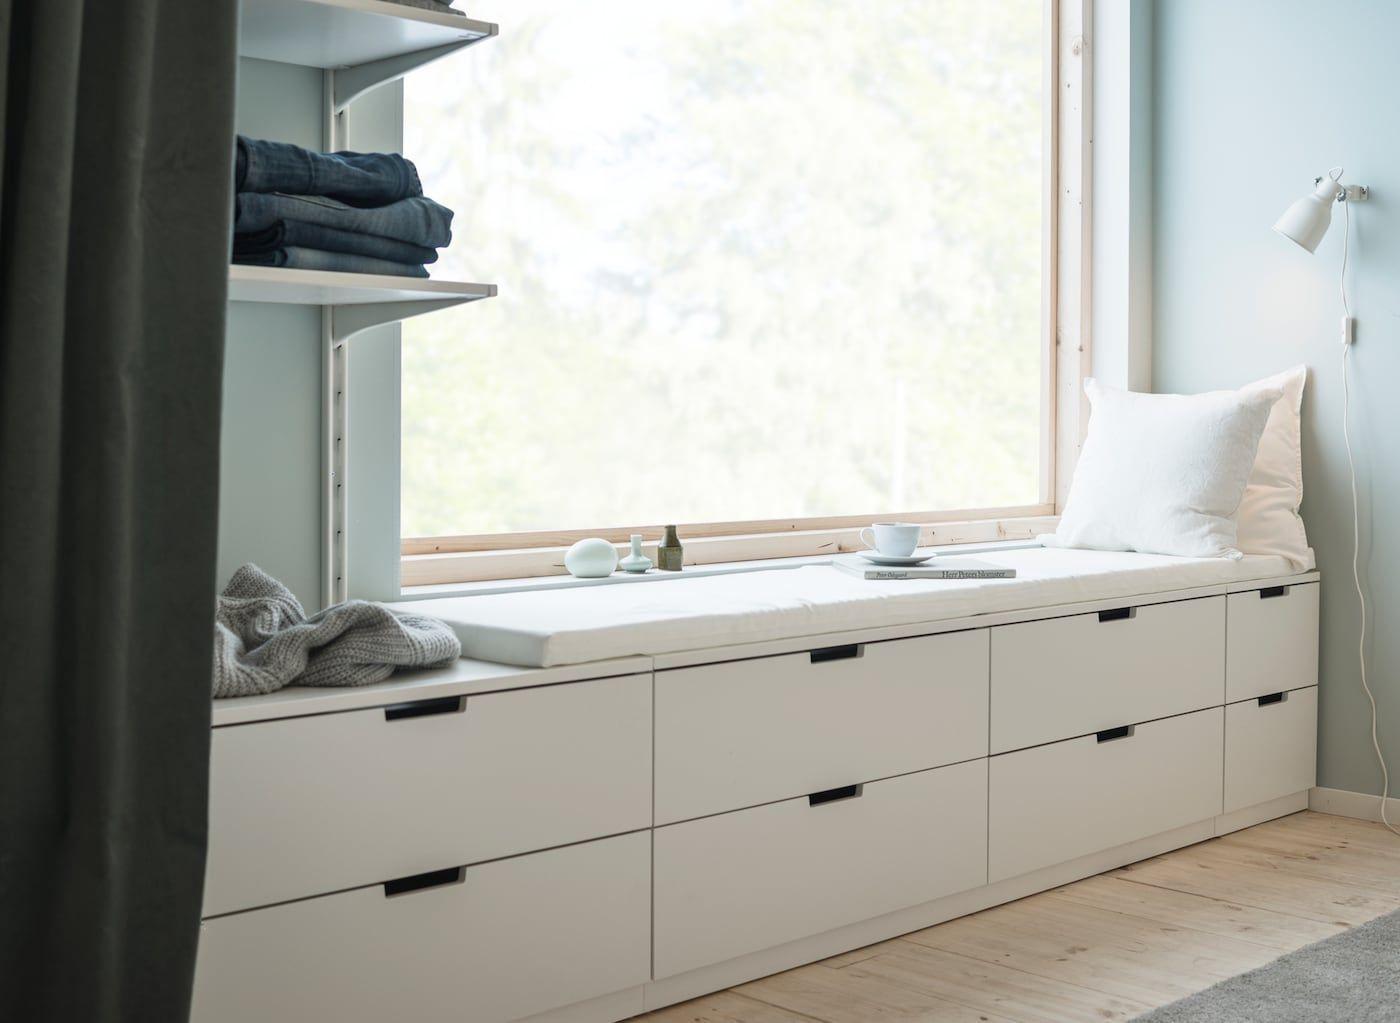 Schlafzimmer gemütlich gestalten   Ikea bedroom, Bedrooms and Interiors